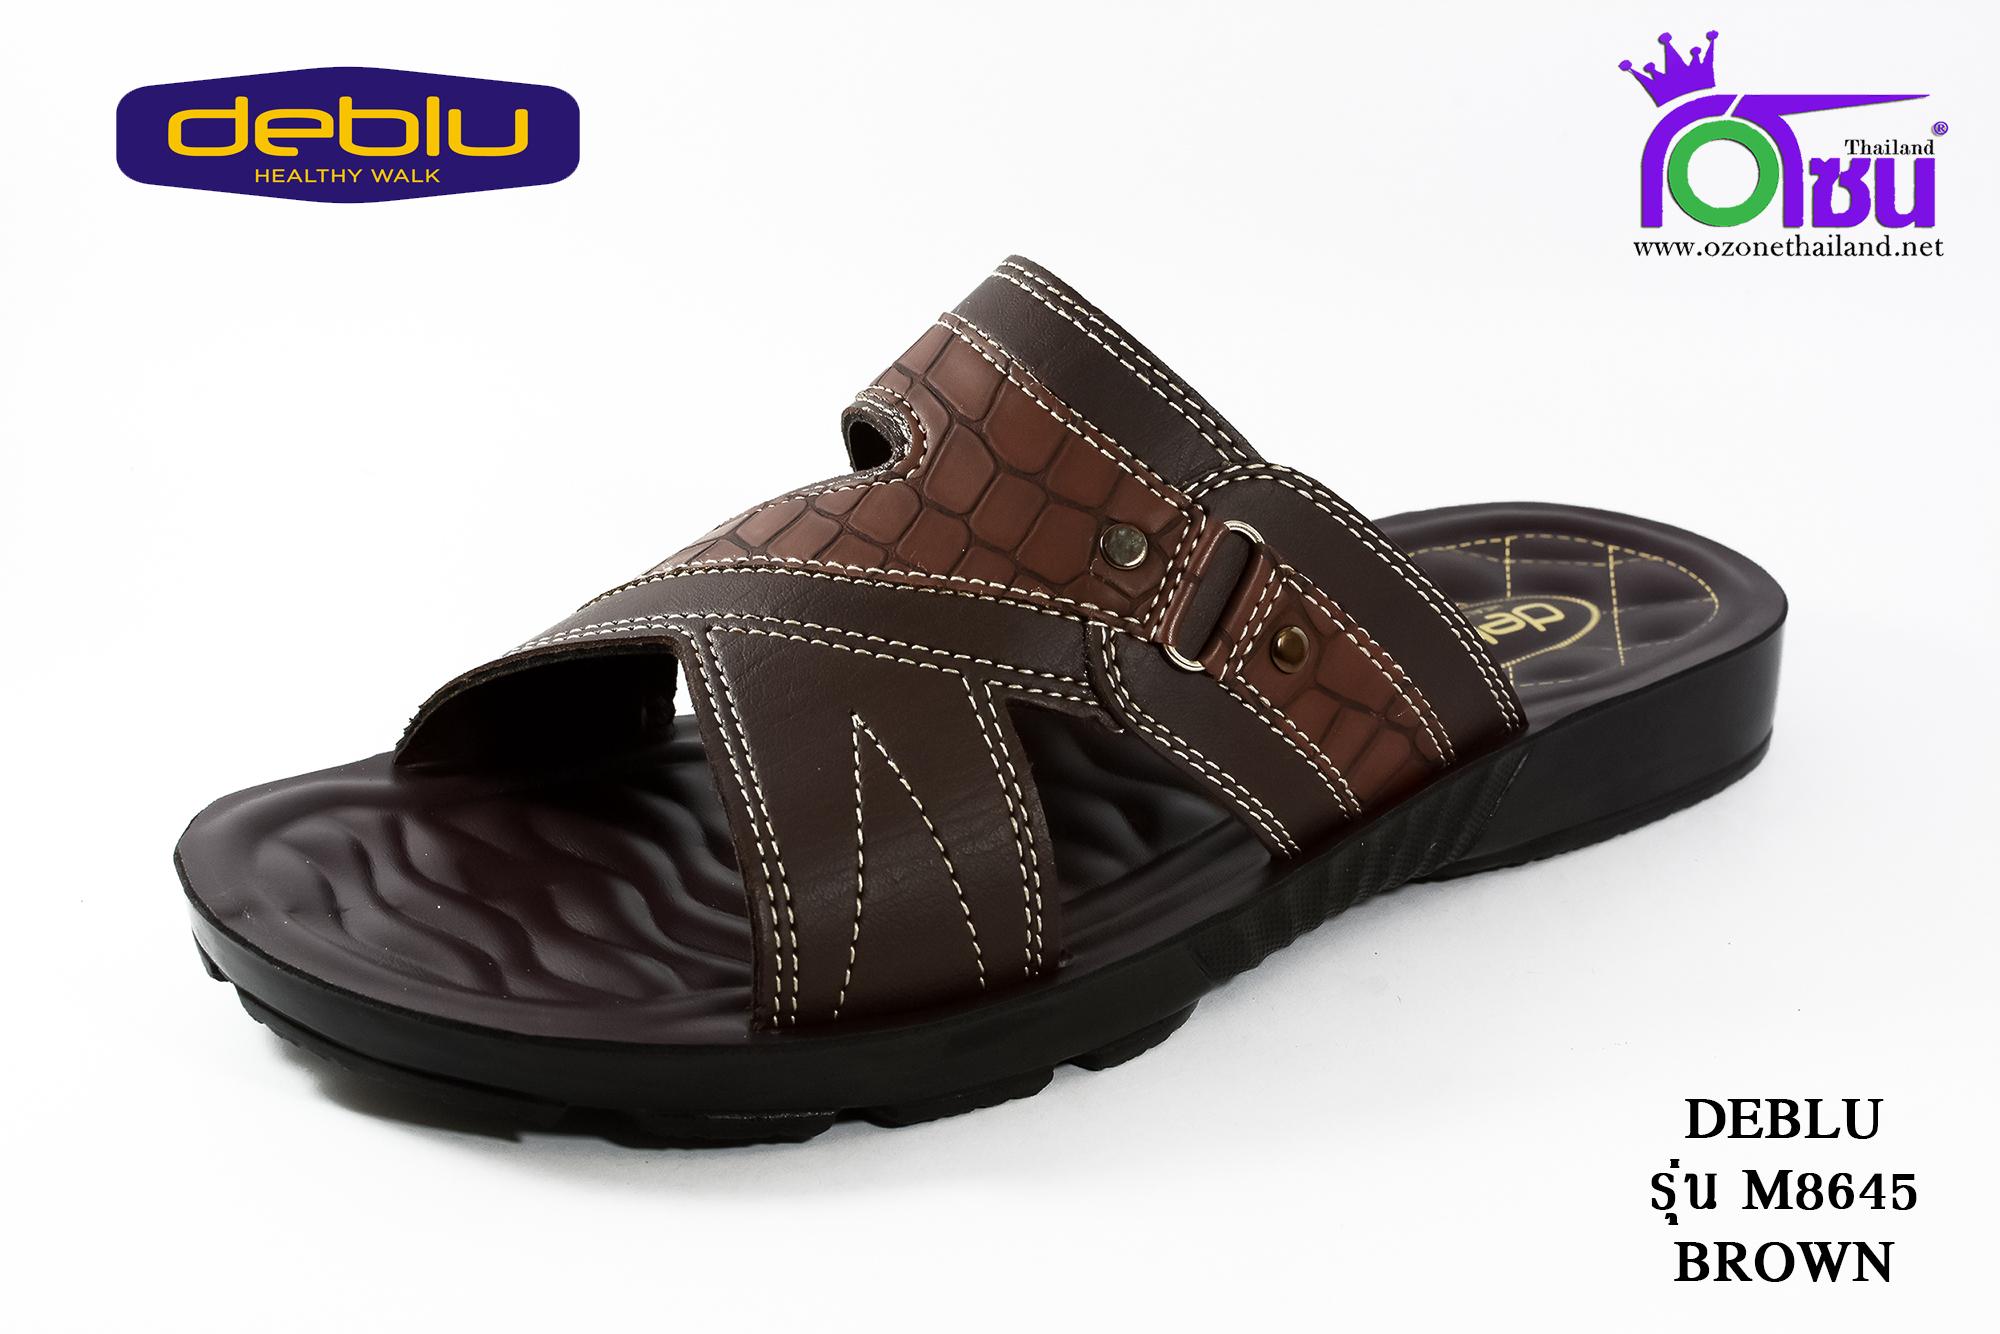 รองเท้าเพื่อสุขภาพ DEBLU เดอบลู รุ่น M8645 สีน้ำตาล เบอร์ 39-44